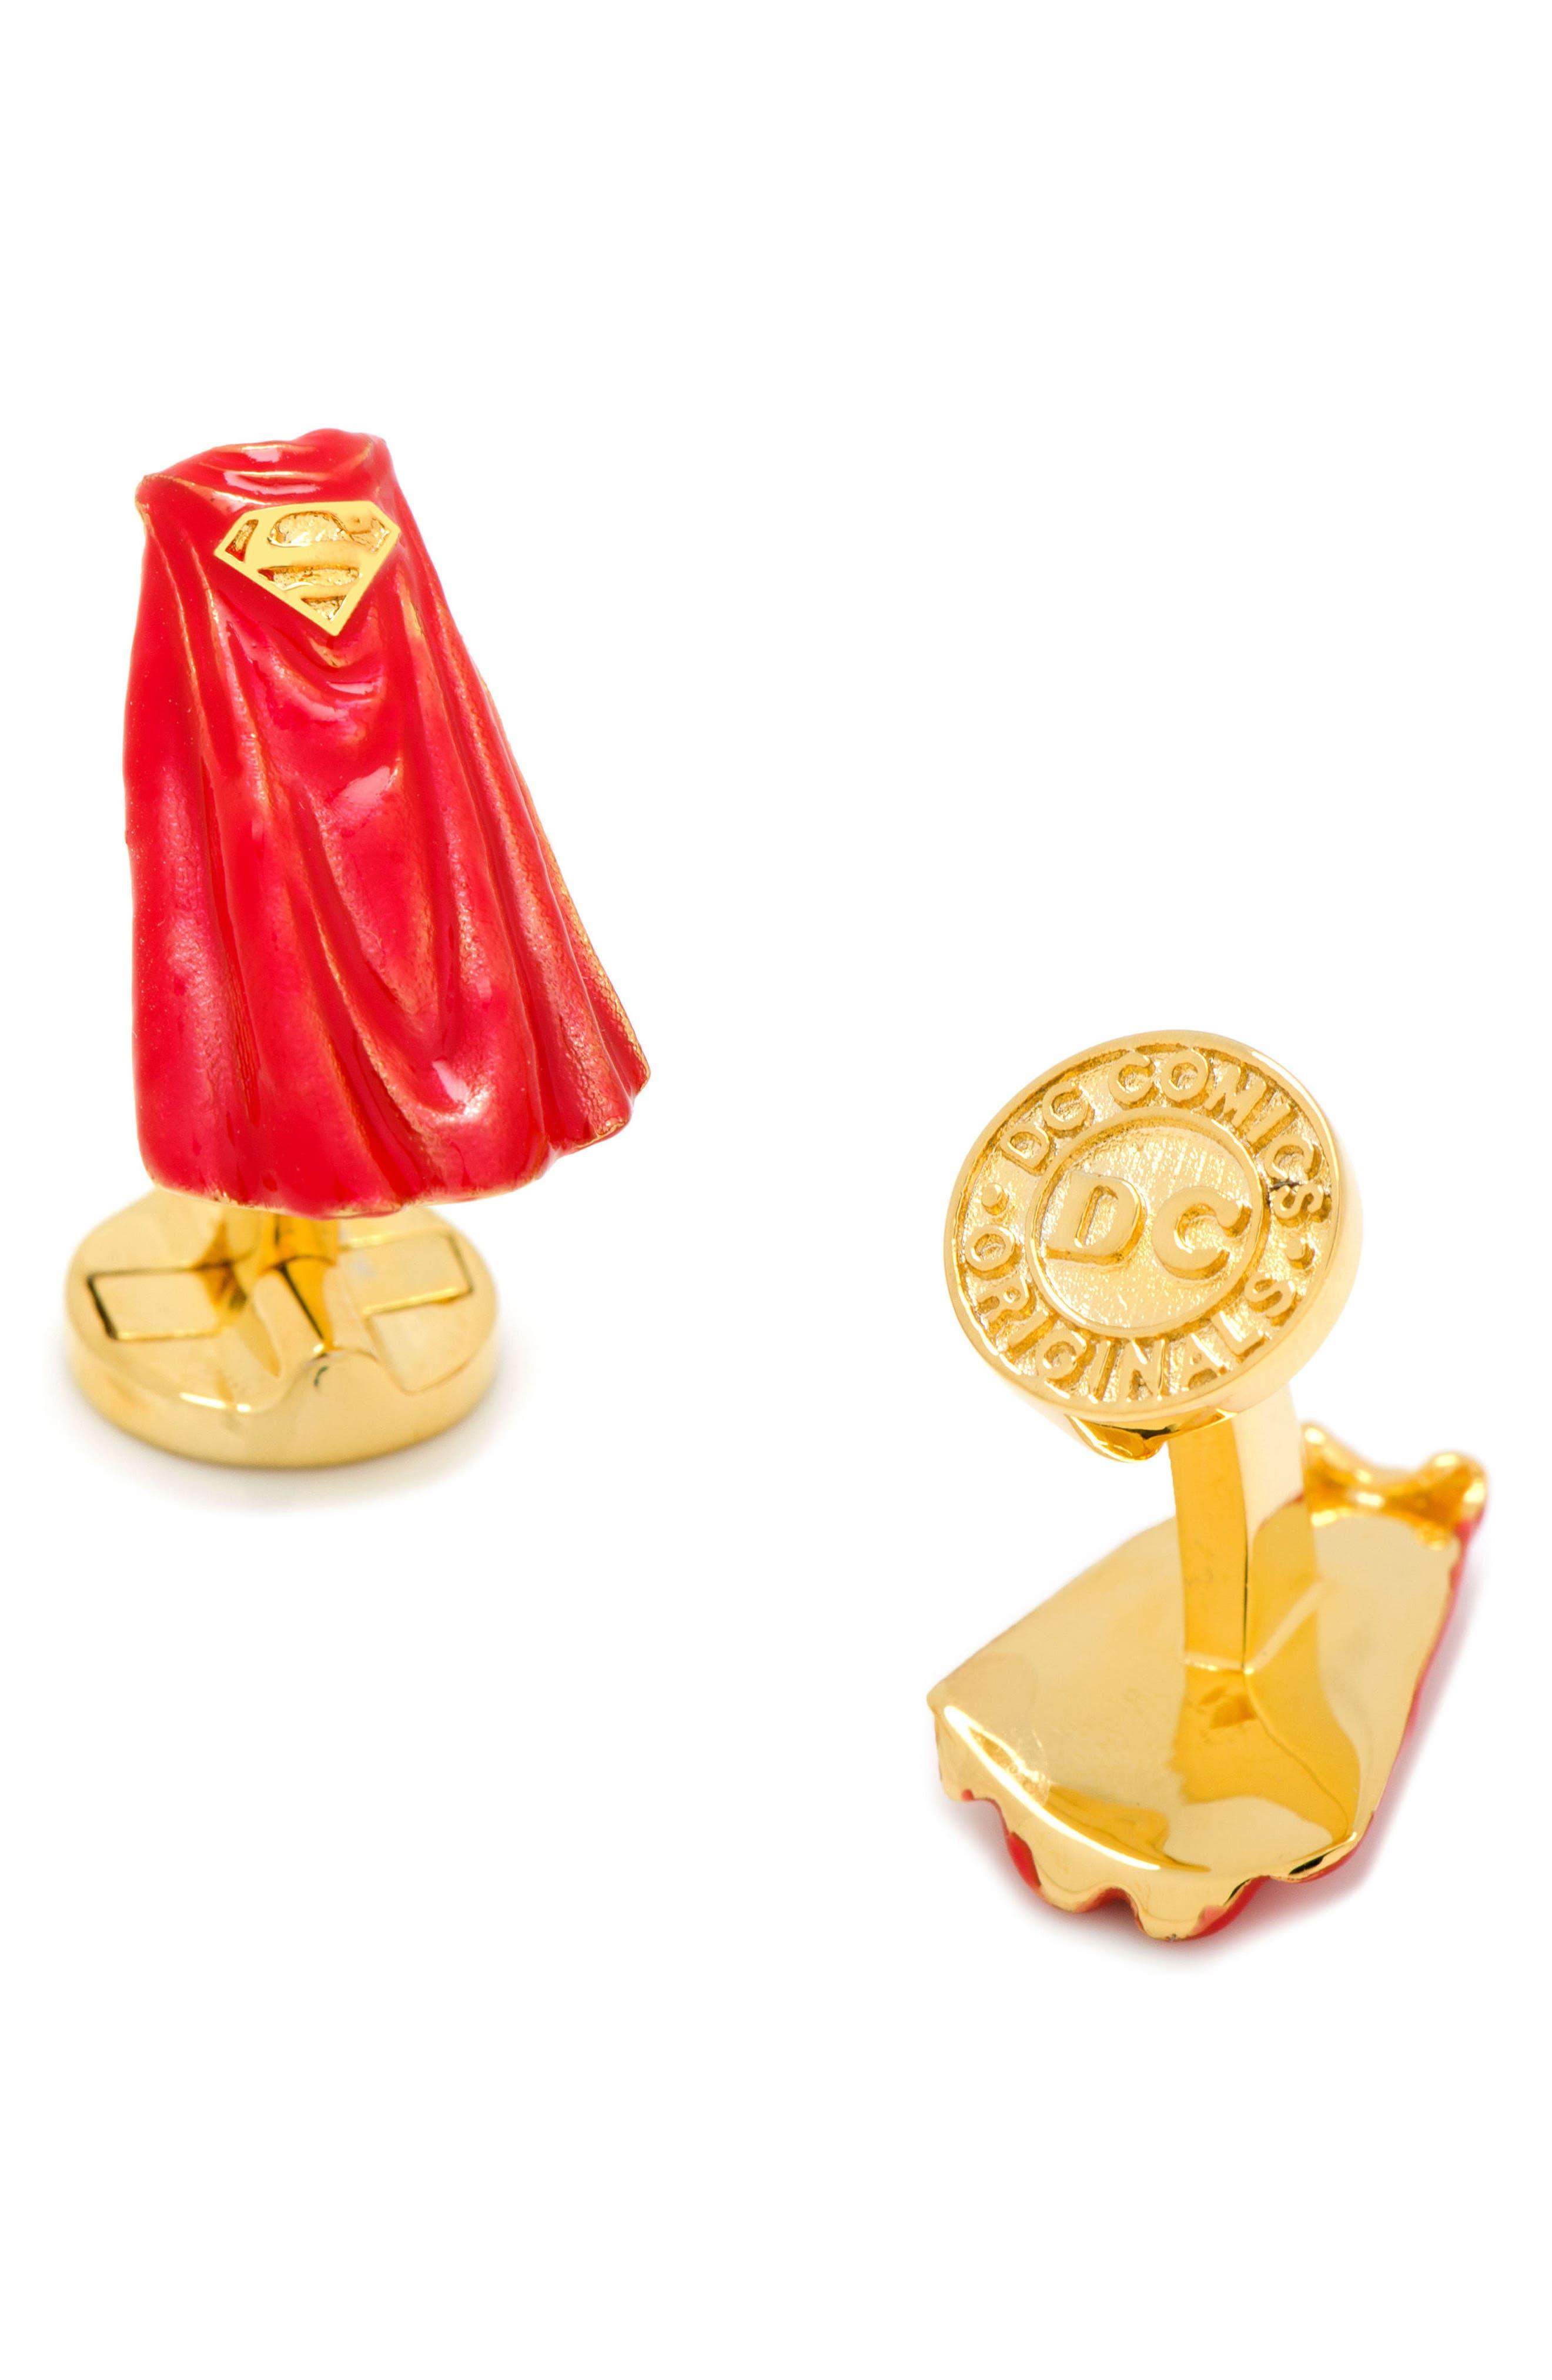 3D Superman Cape Cuff Links,                             Main thumbnail 1, color,